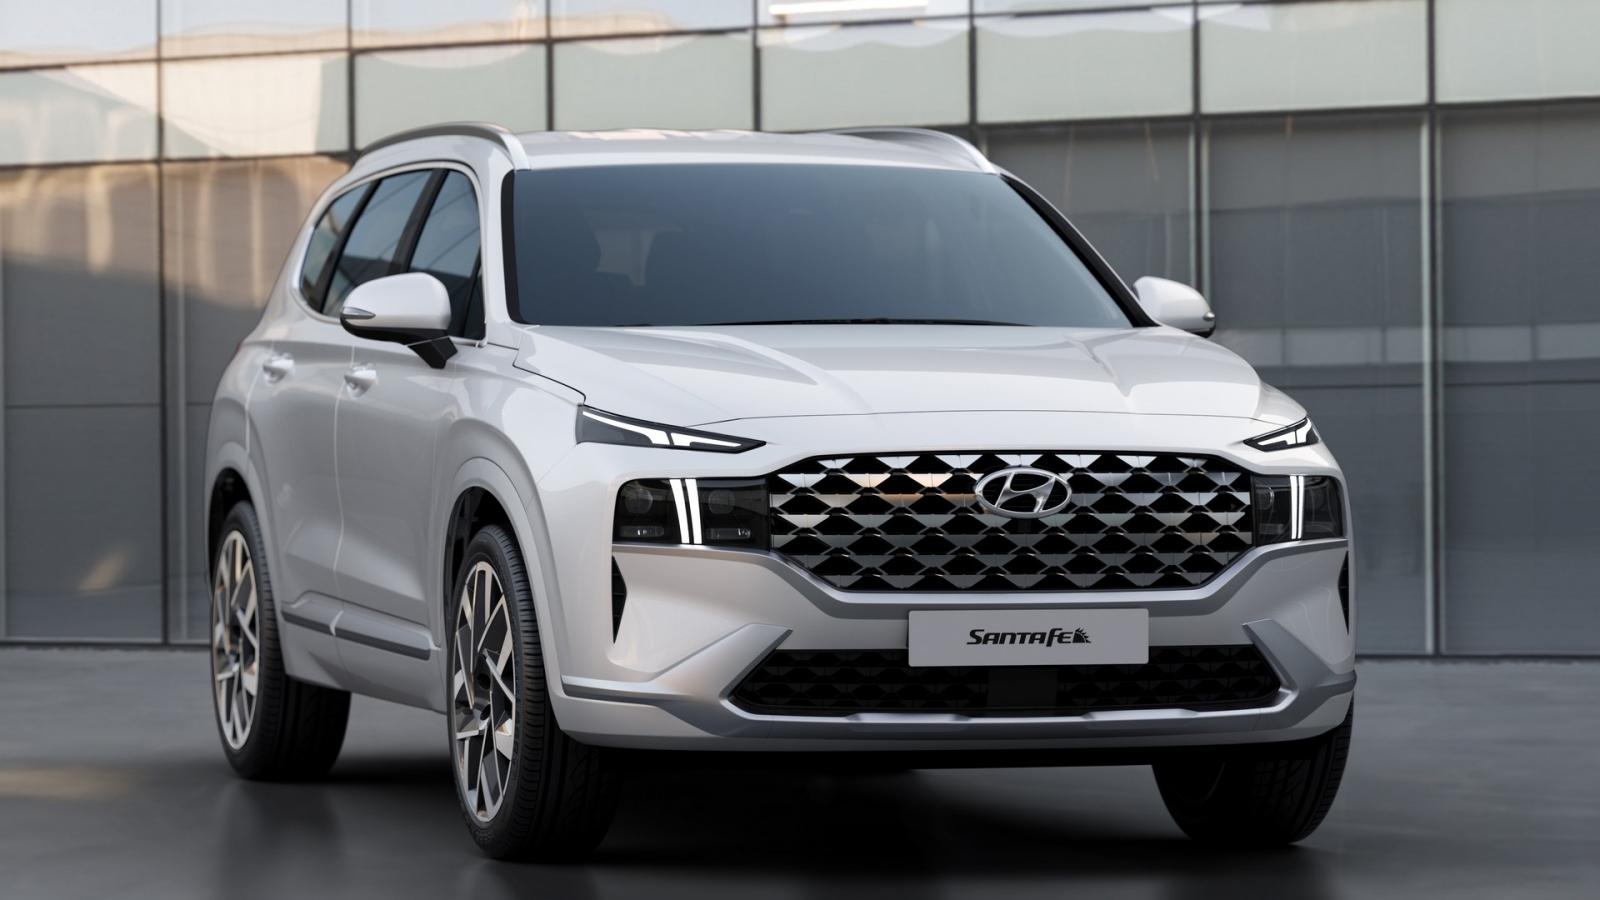 Hyundai Santa Fe 2021 có 4 loại động cơ tại Mỹ